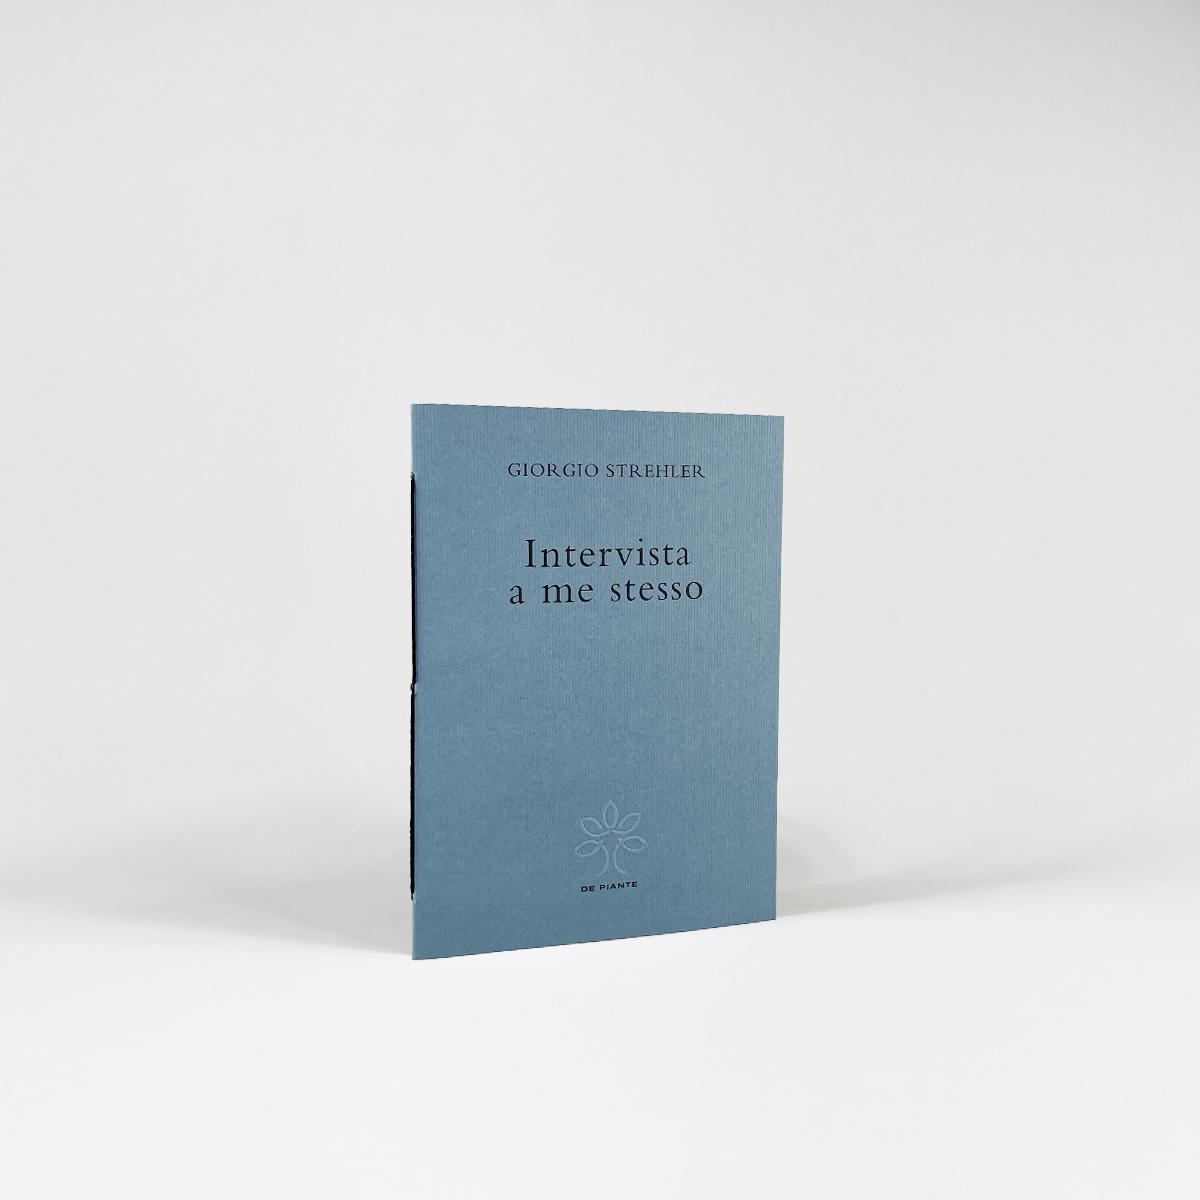 Intervista a me stesso - Giorgio Strehler